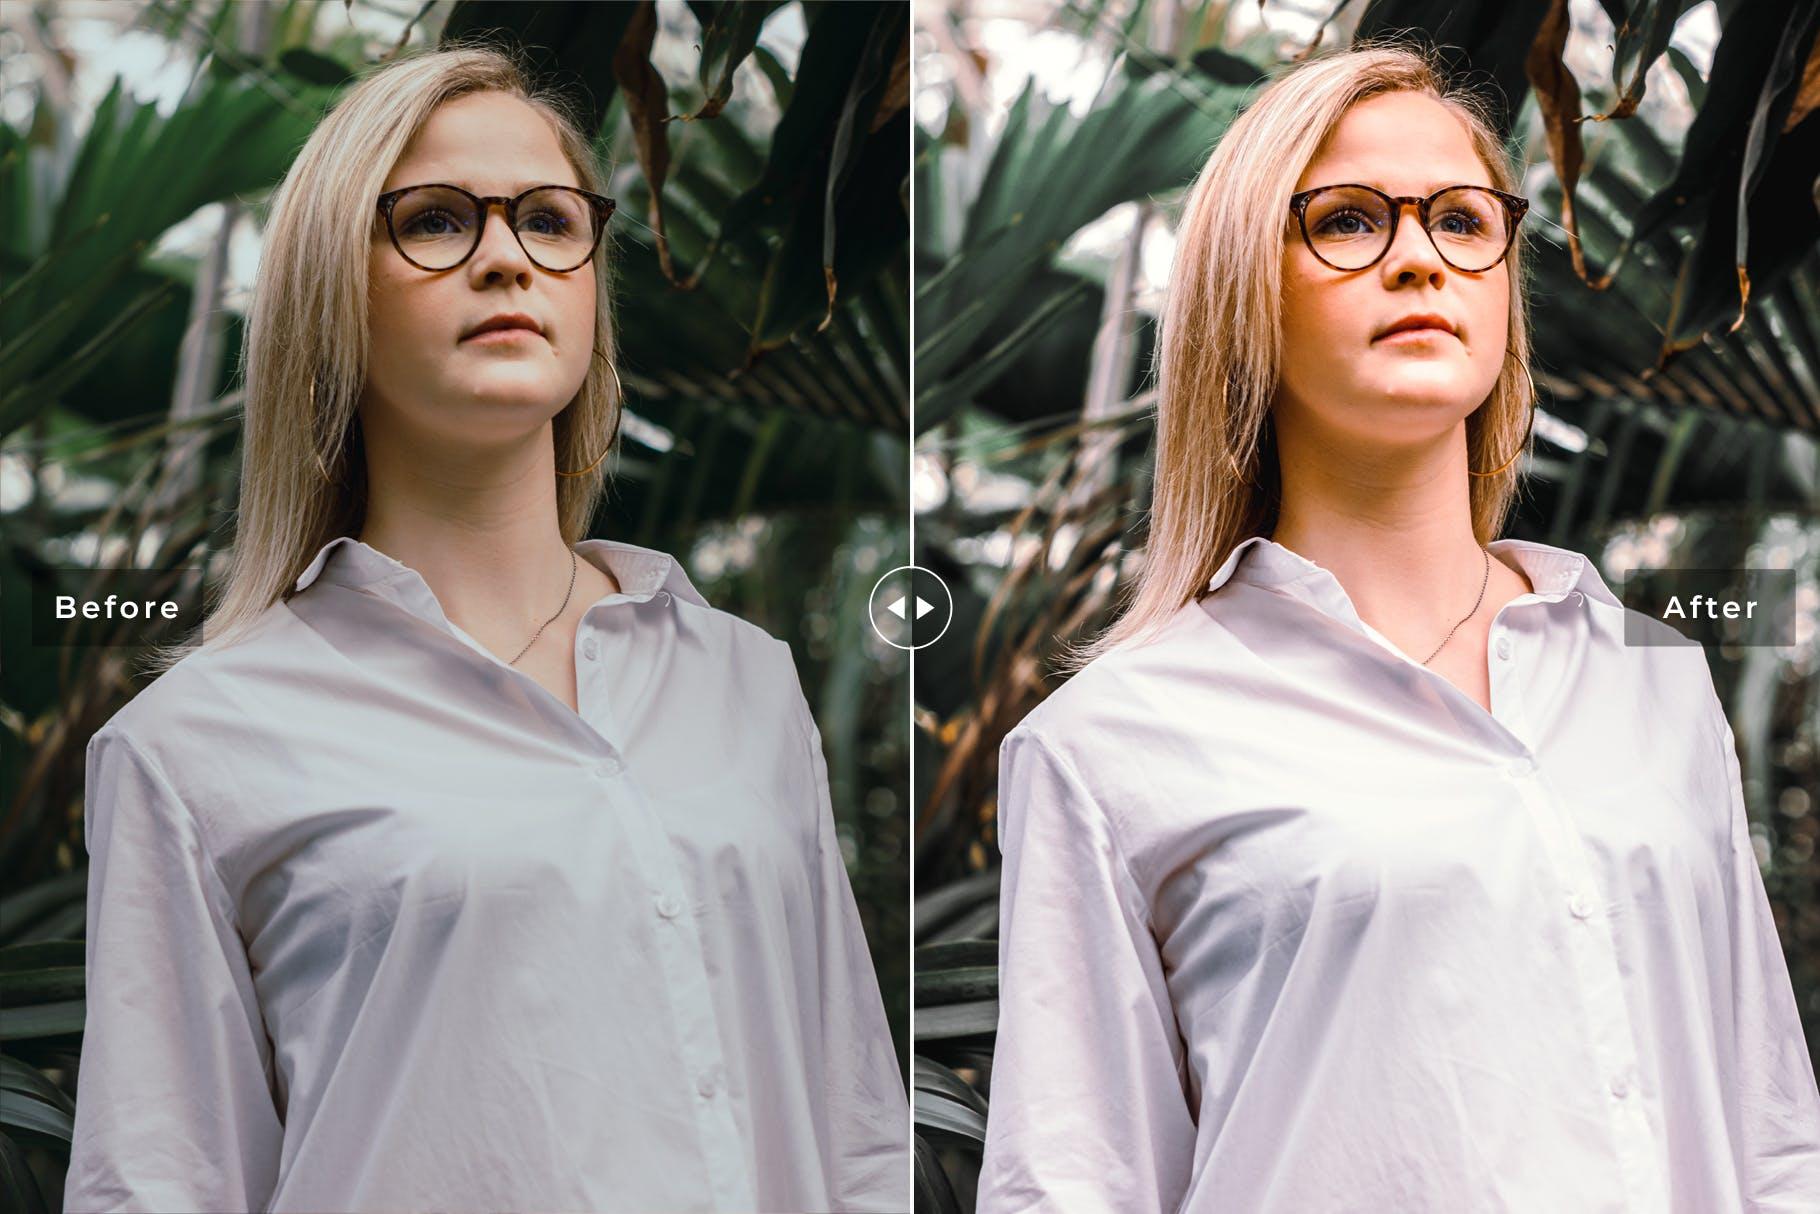 人物肖像摄影高端调色滤镜Lightroom预设 Fresh Mobile & Desktop Lightroom Presets设计素材模板